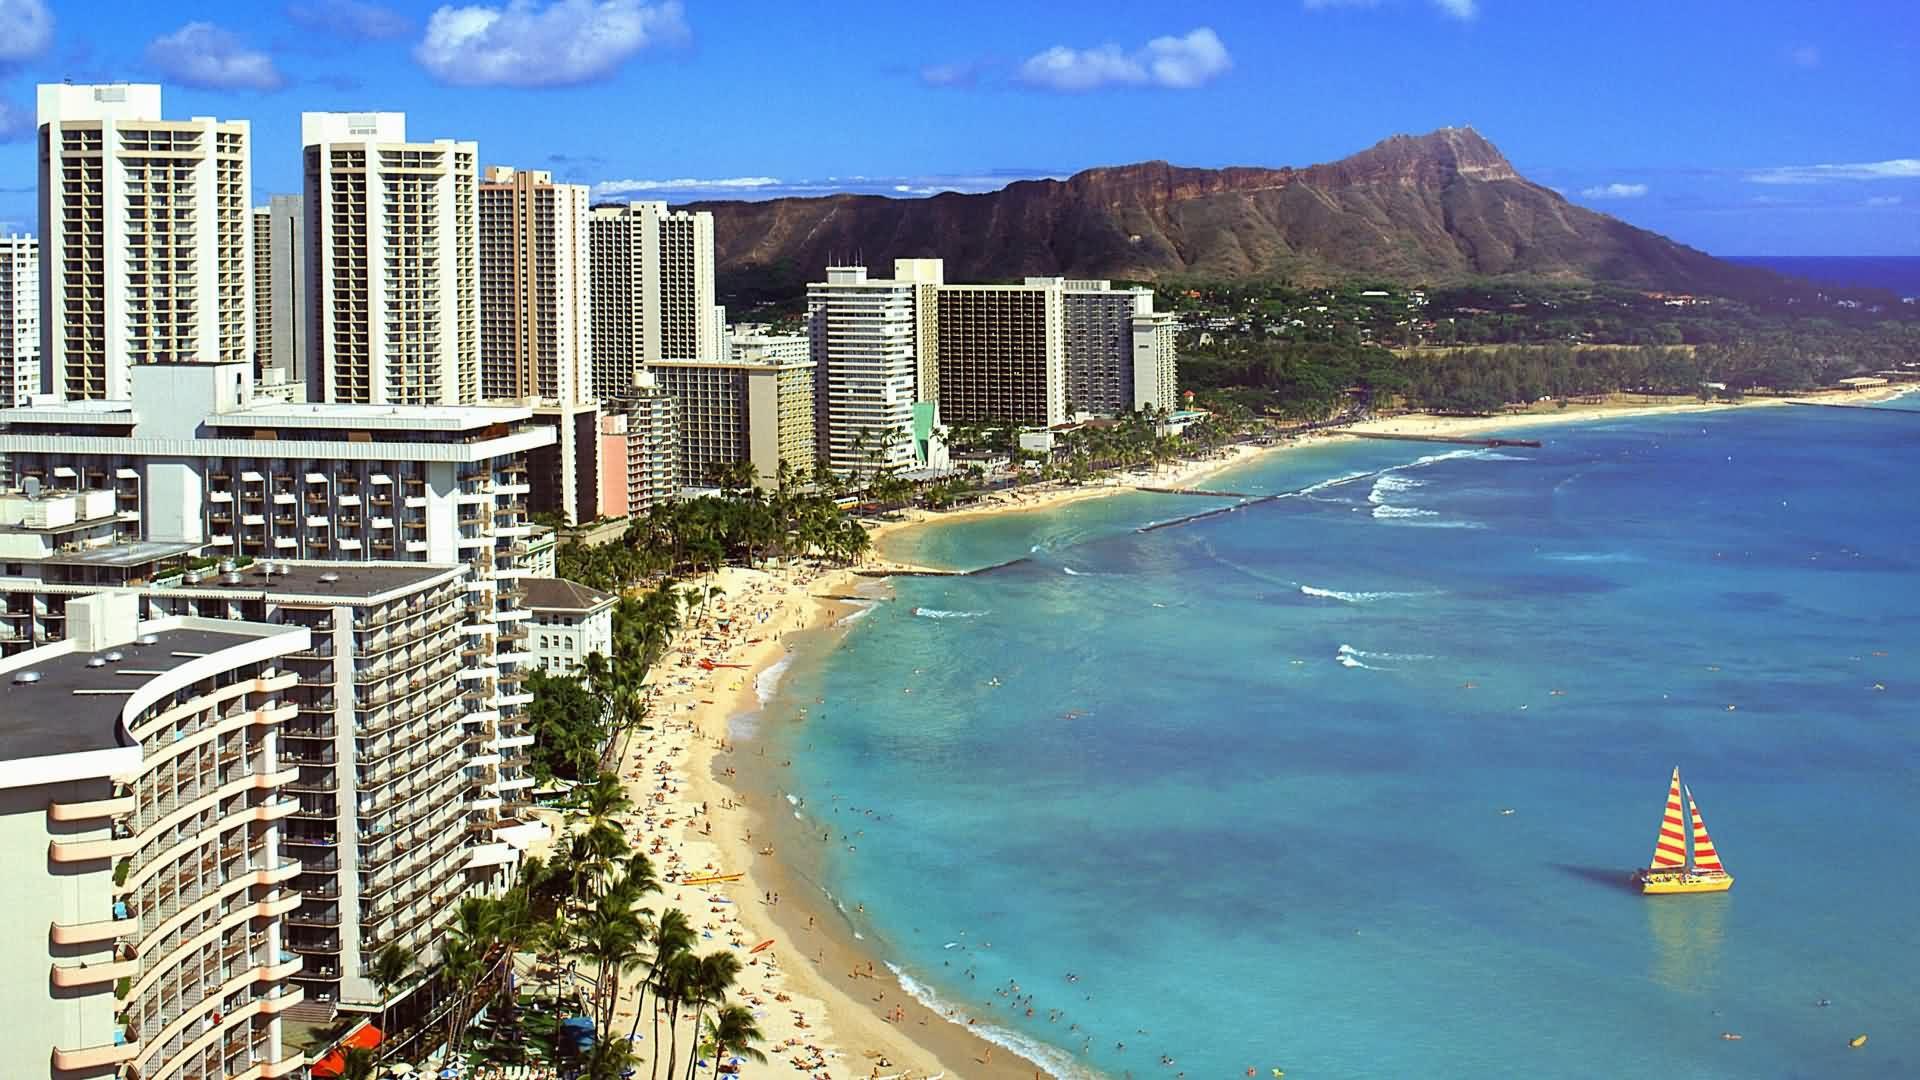 特殊 ハワイ 壁紙 高画質 最高の写真の壁紙のコレクション 無料